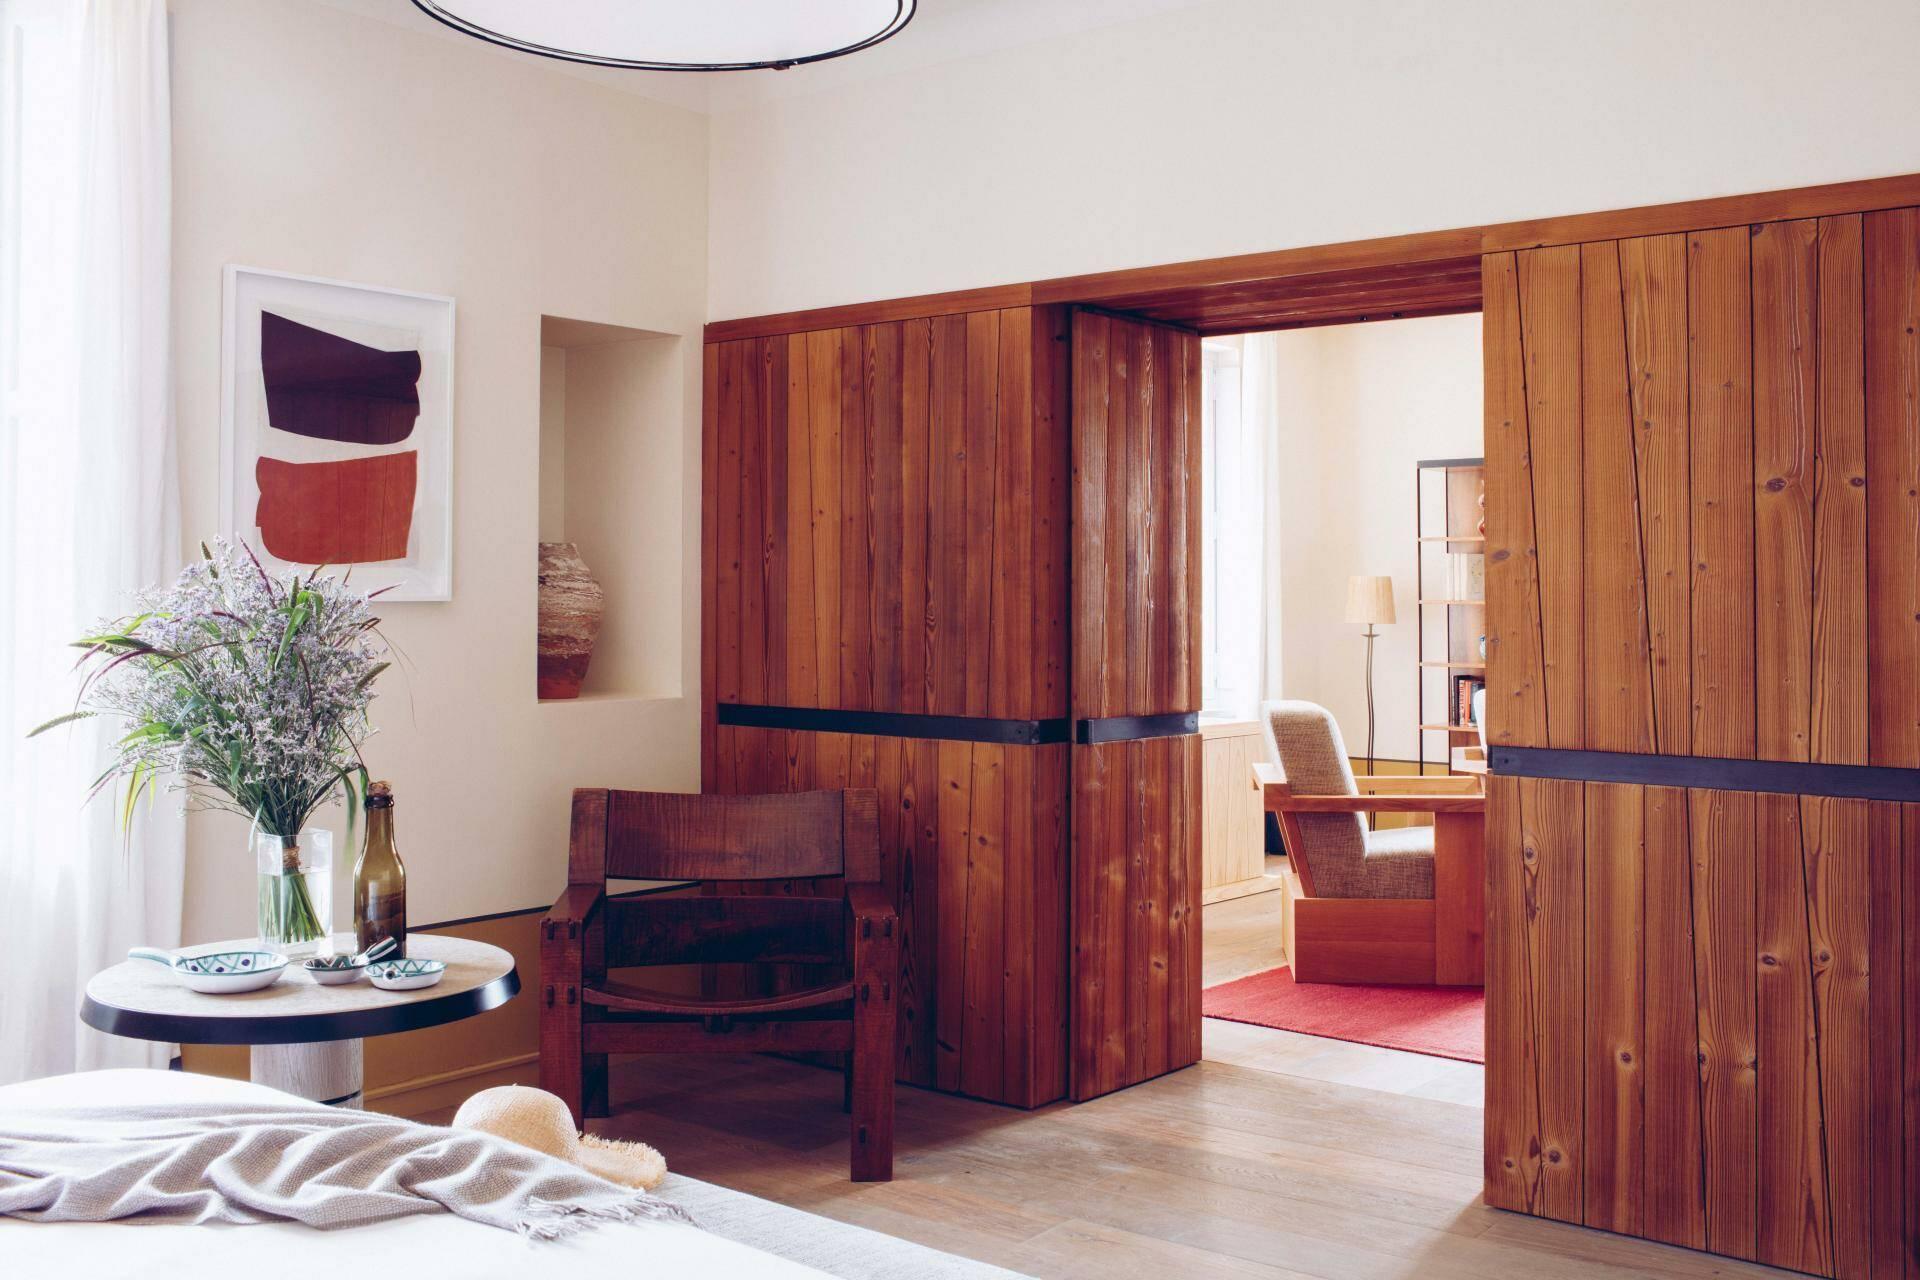 Hotel crillon le brave chambre Provence